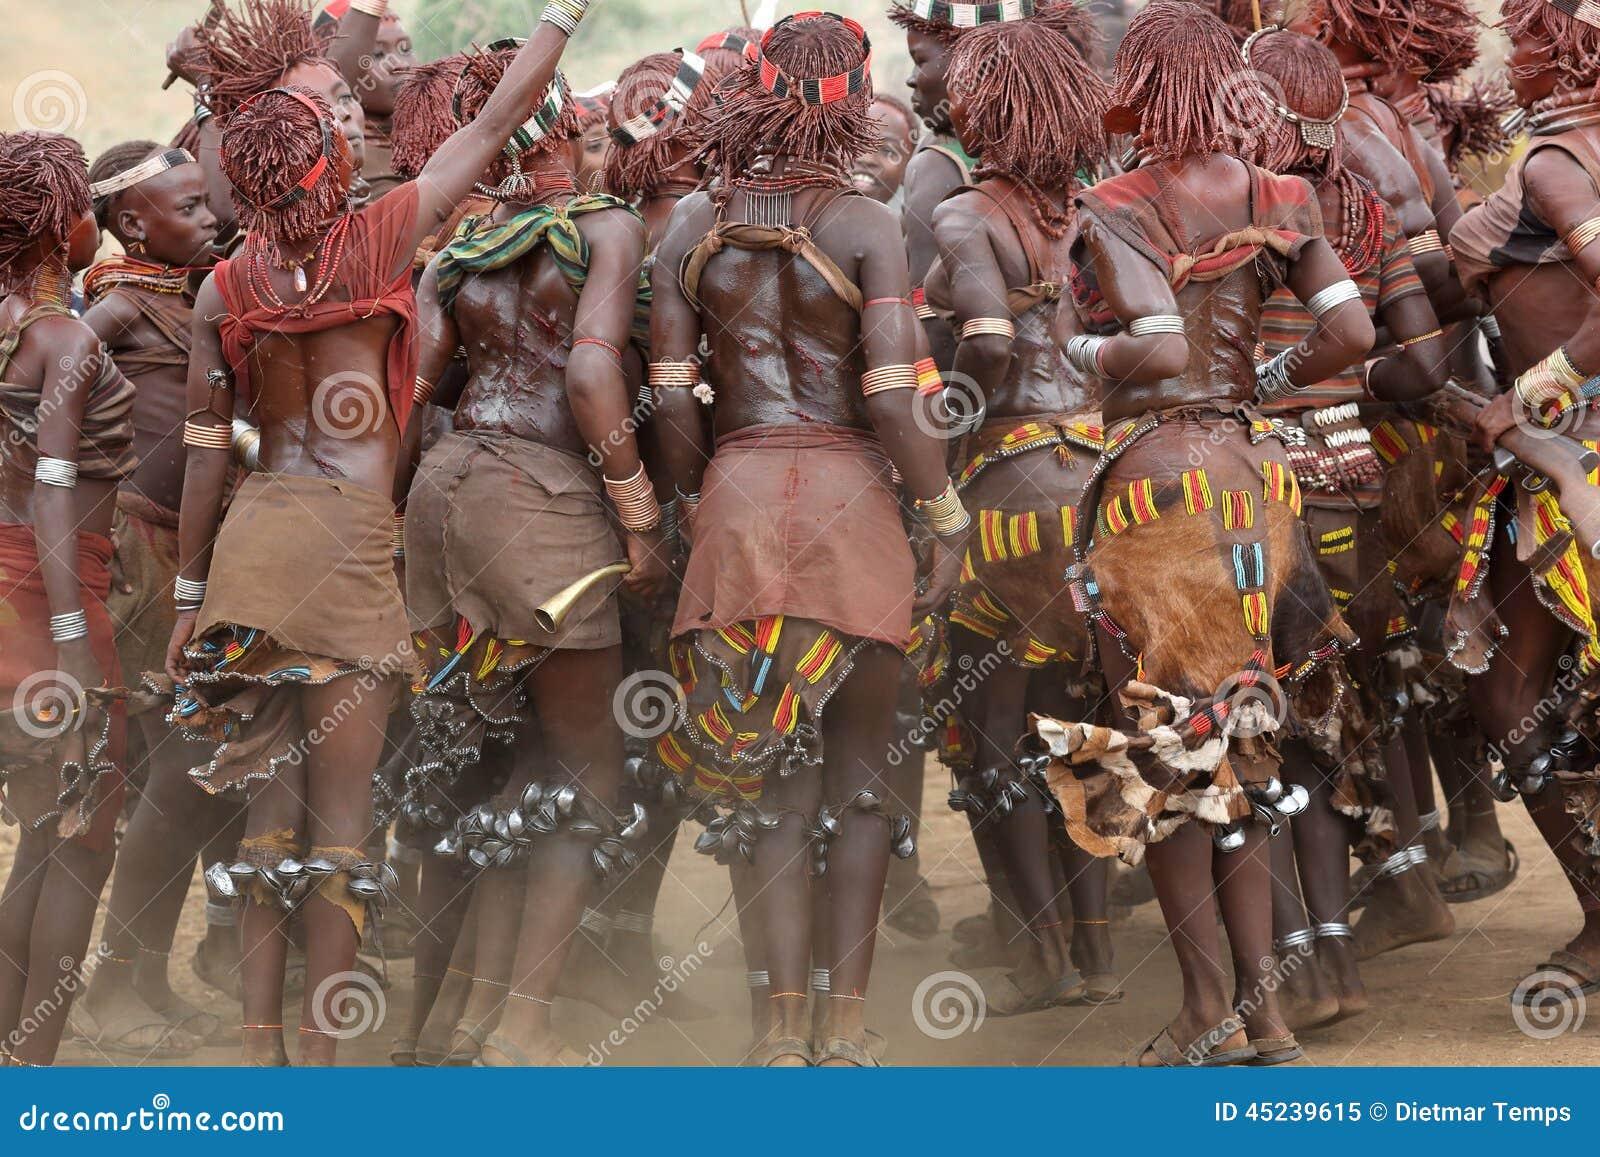 Rencontre femmes d'ethiopie